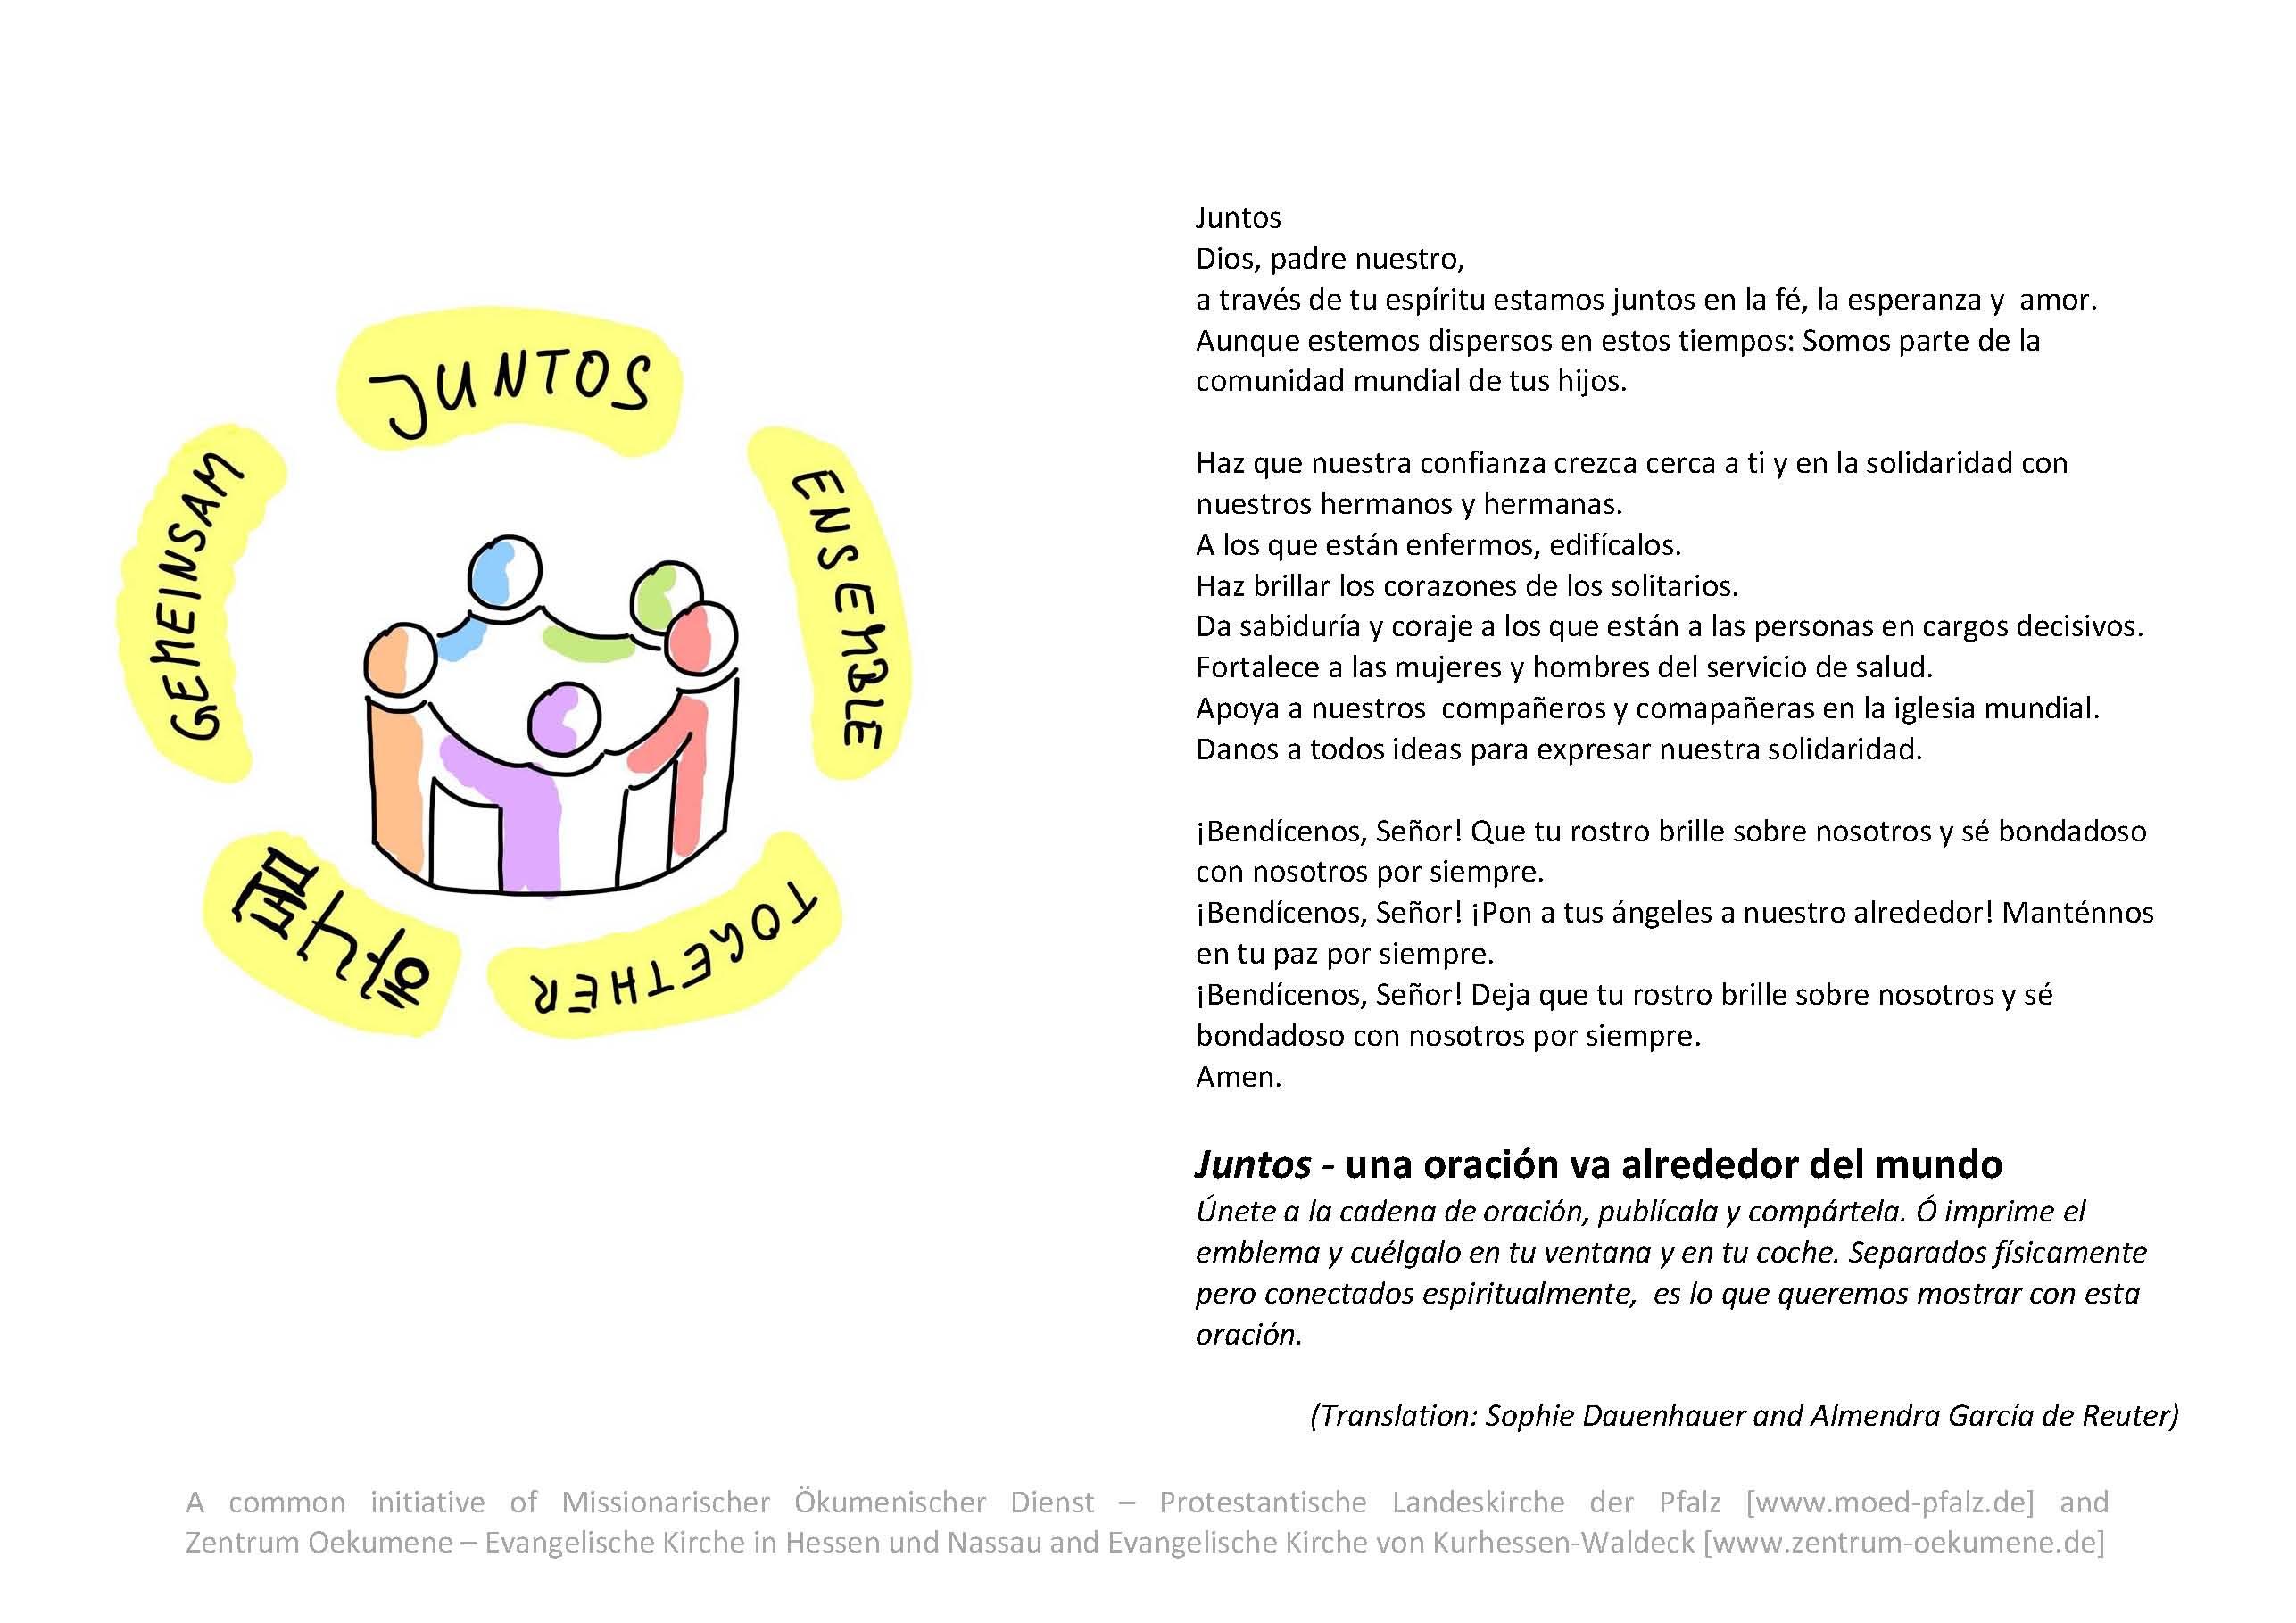 https://www.ekhn.de/fileadmin/content/ekhn.de/download/oekumene/corona/gebete/Gebet_mit_Symbol_S.jpg